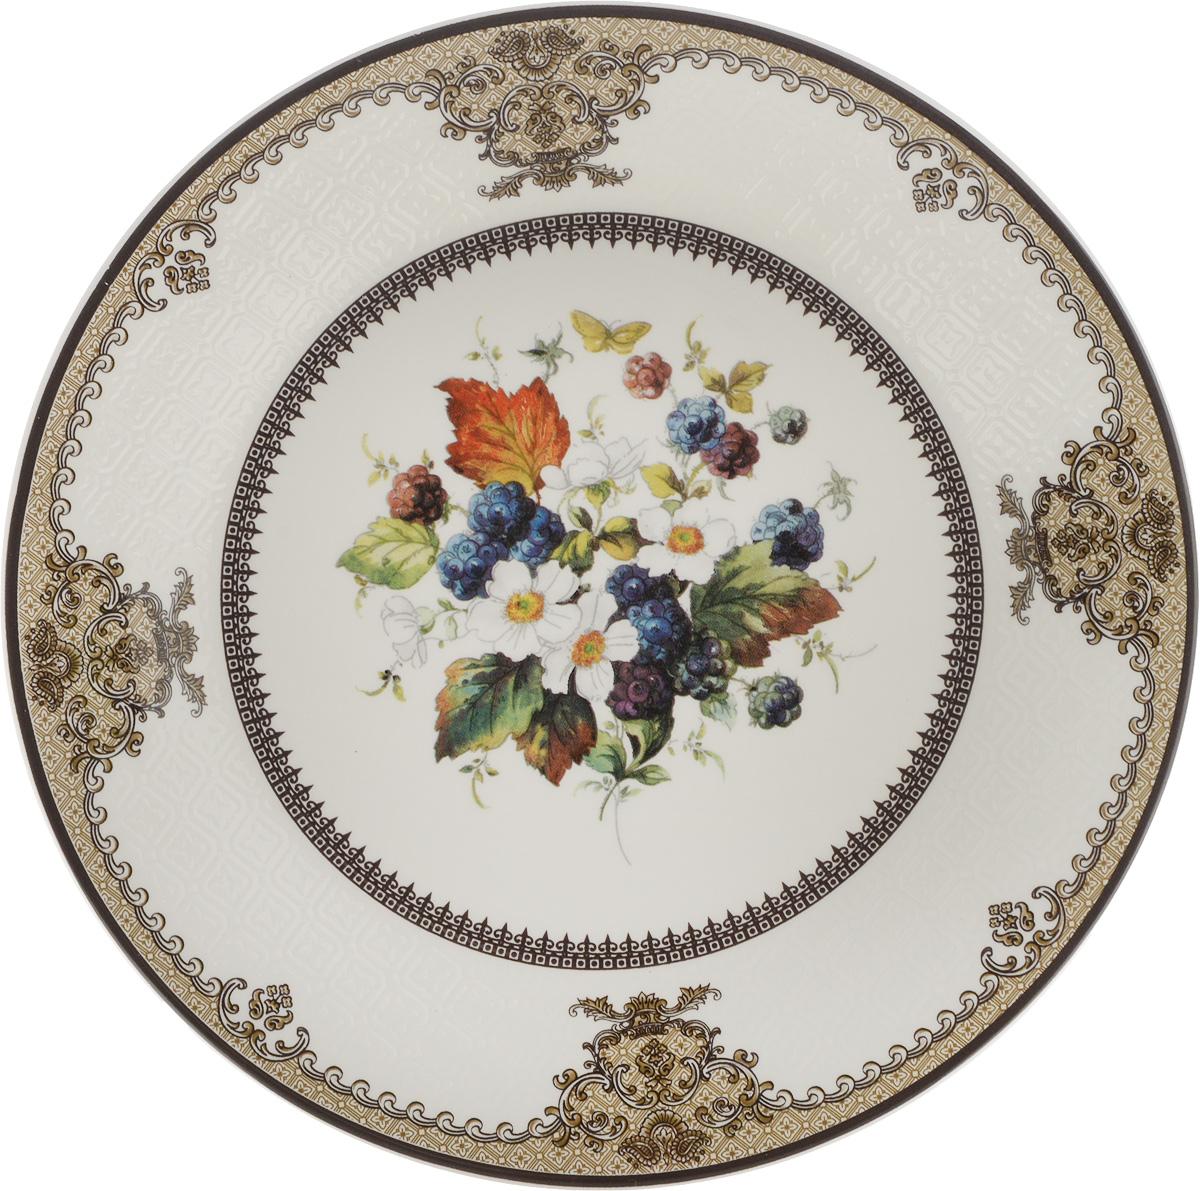 Тарелка Lillo, диаметр 20 см. 1002А-АТМ115510Тарелка Lillo изготовлена из качественной глазурованной керамики. Изделие декорировано красивым рисунком в виде узоров и цветов. Такая тарелка отлично подойдет в качестве блюда для сервировки закусок и нарезок, ее также можно использовать как обеденную. Яркий запоминающийся дизайн и качество исполнения сделают ее отличным подарком. Не рекомендуется использовать в микроволновой печи и мыть в посудомоечной машине.